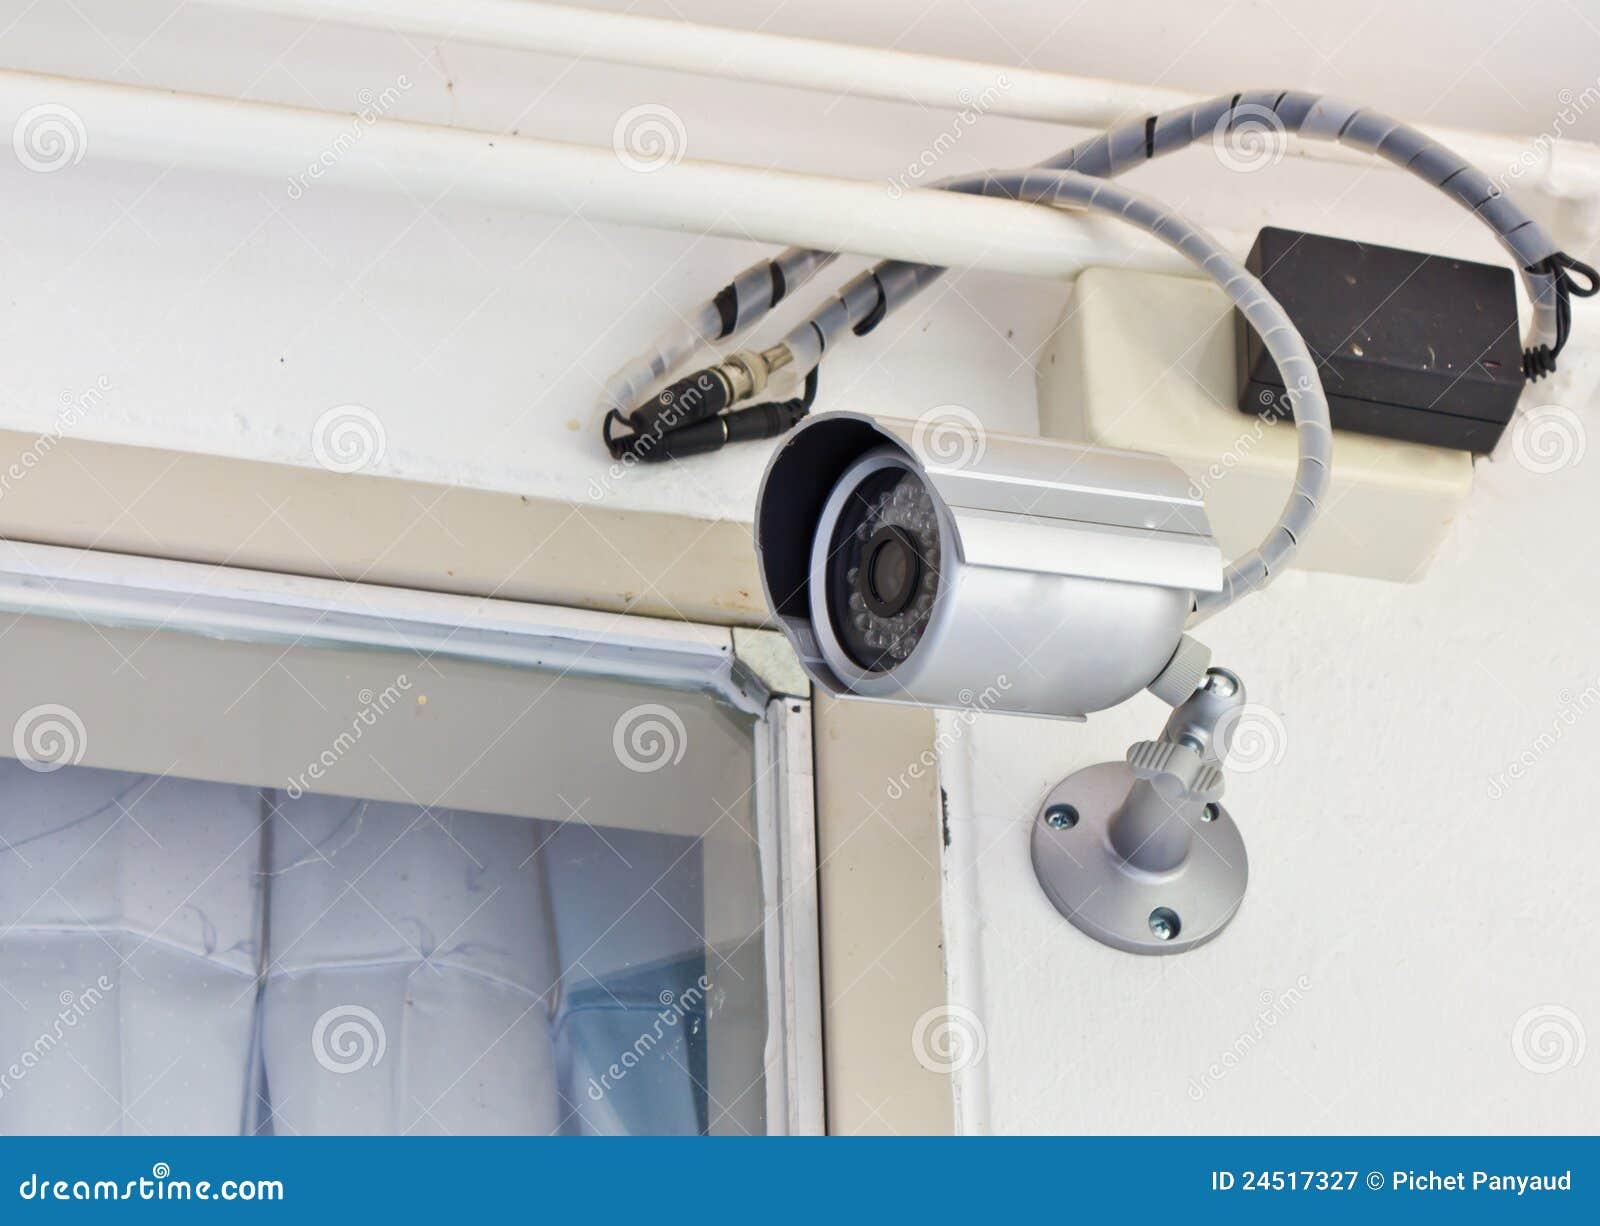 Überwachungskamera im haus lizenzfreie stockfotografie - bild, Badezimmer ideen